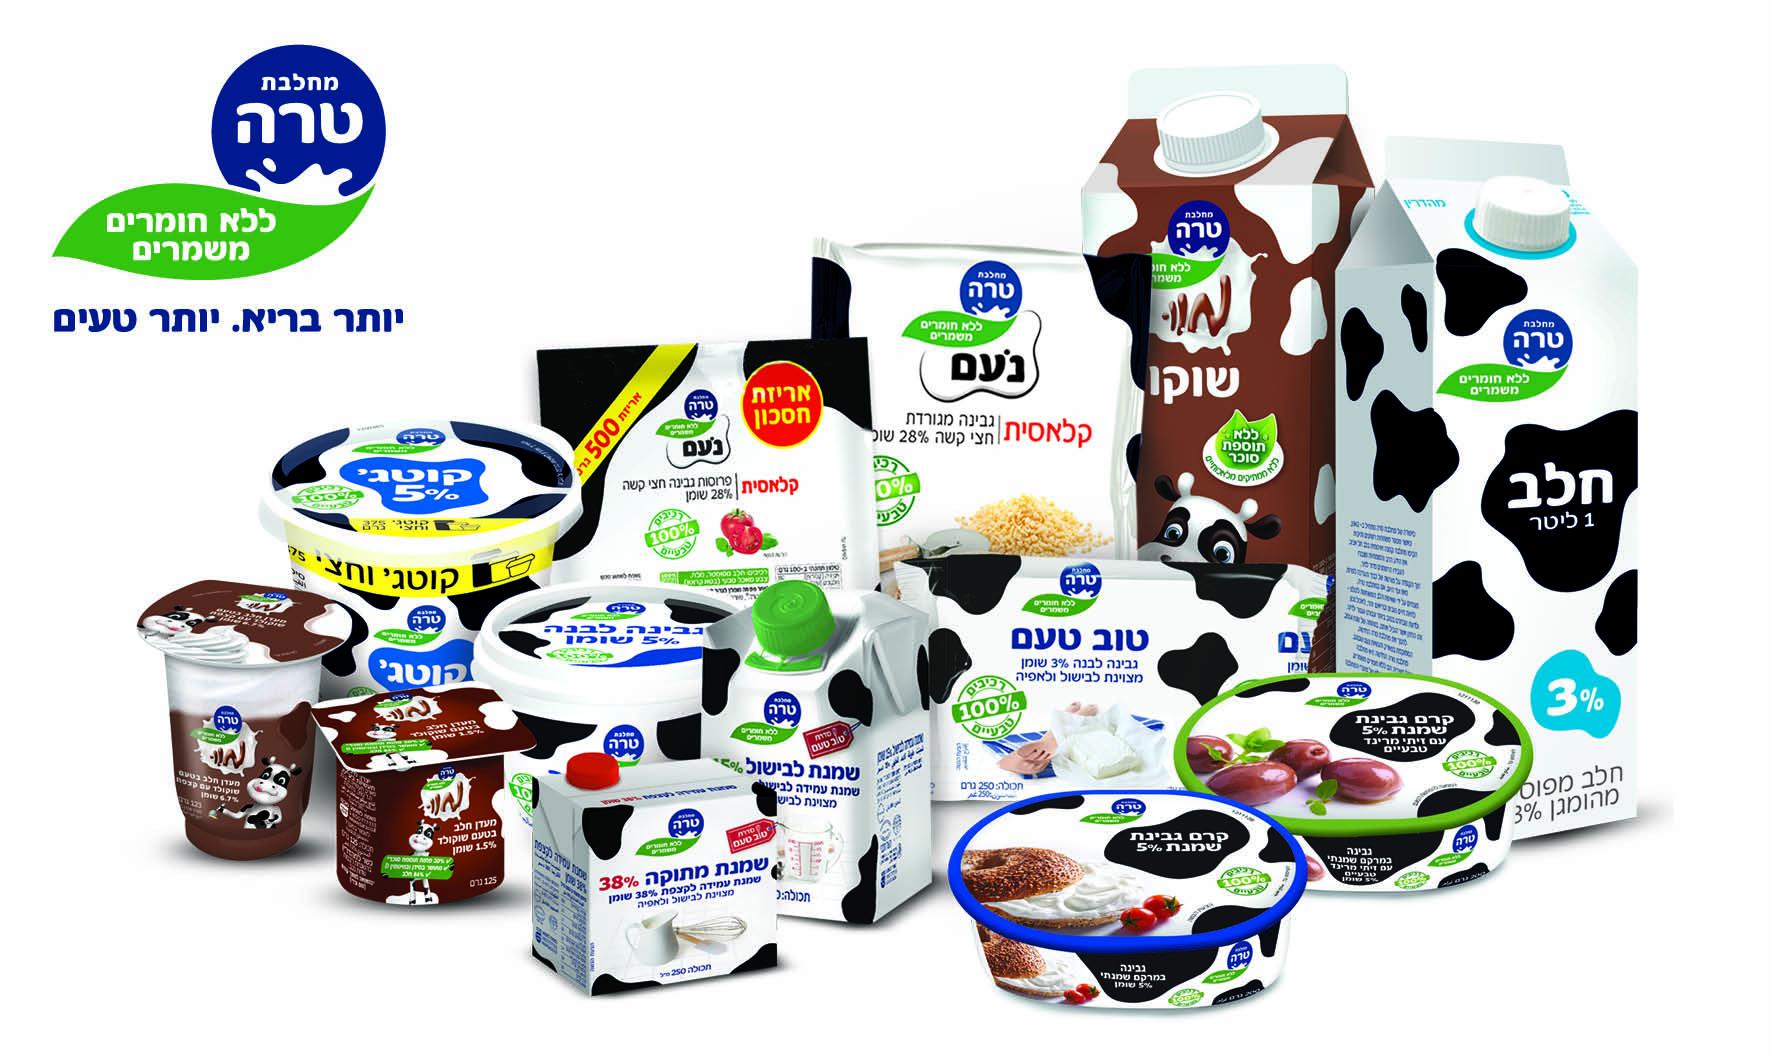 גם בתשעת הימים: מגוון מוצרי חלב בריאים וטעימים יותר לכל המשפחה